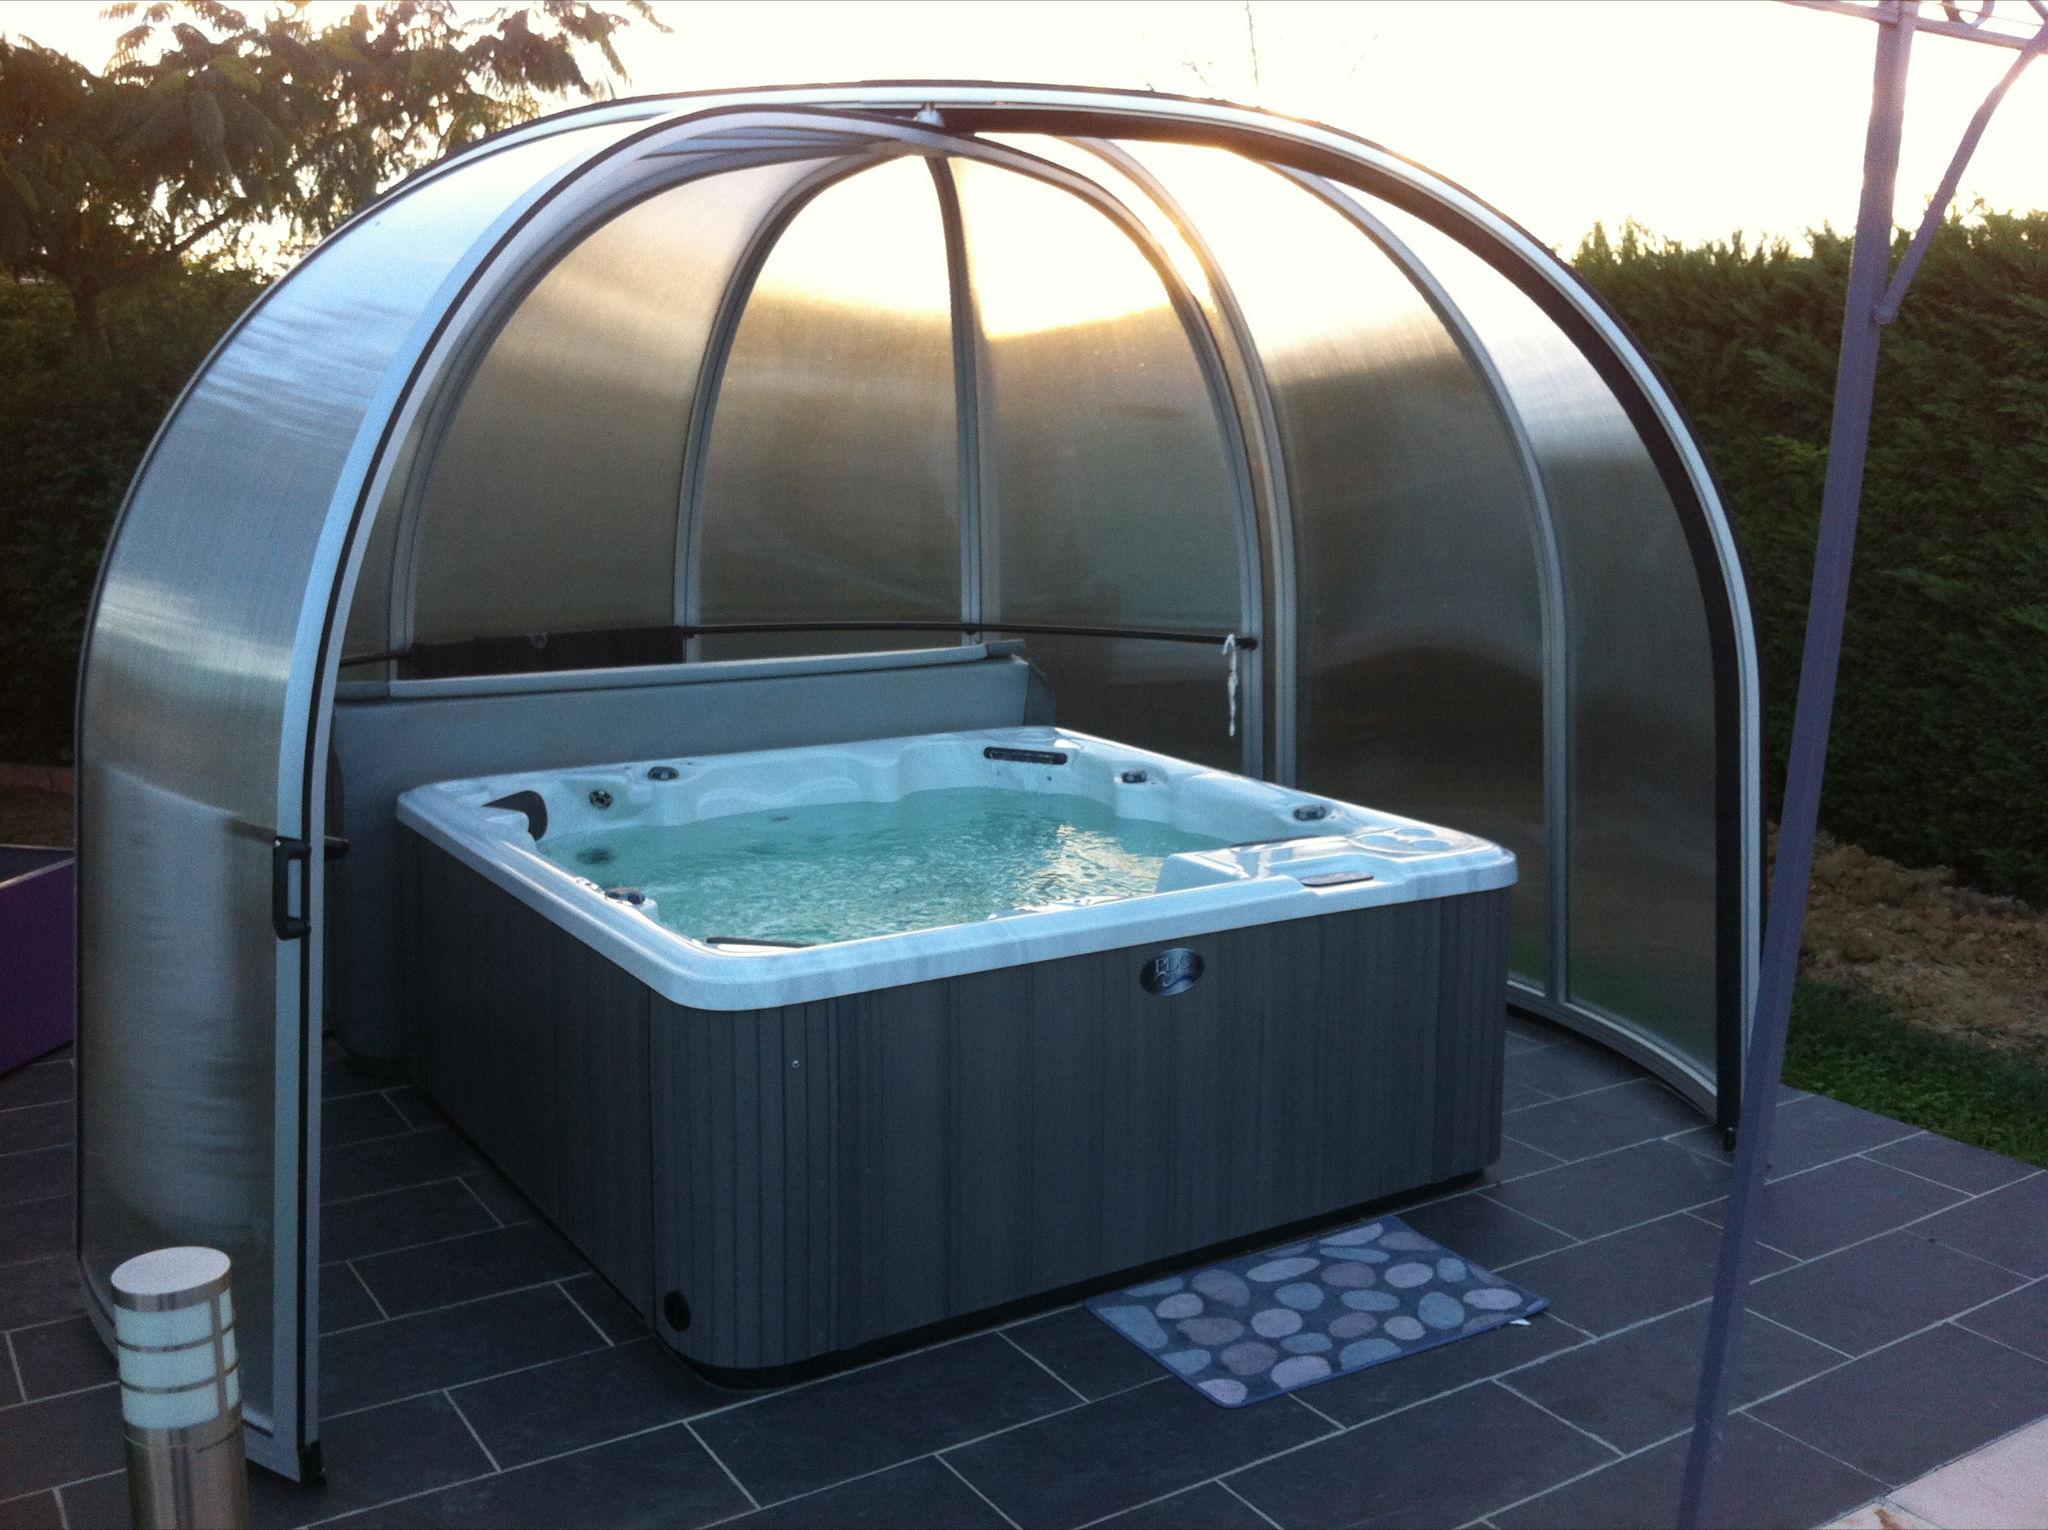 abris rondo aquacomet piscine abris rondo aquacomet piscine picardie piscine. Black Bedroom Furniture Sets. Home Design Ideas